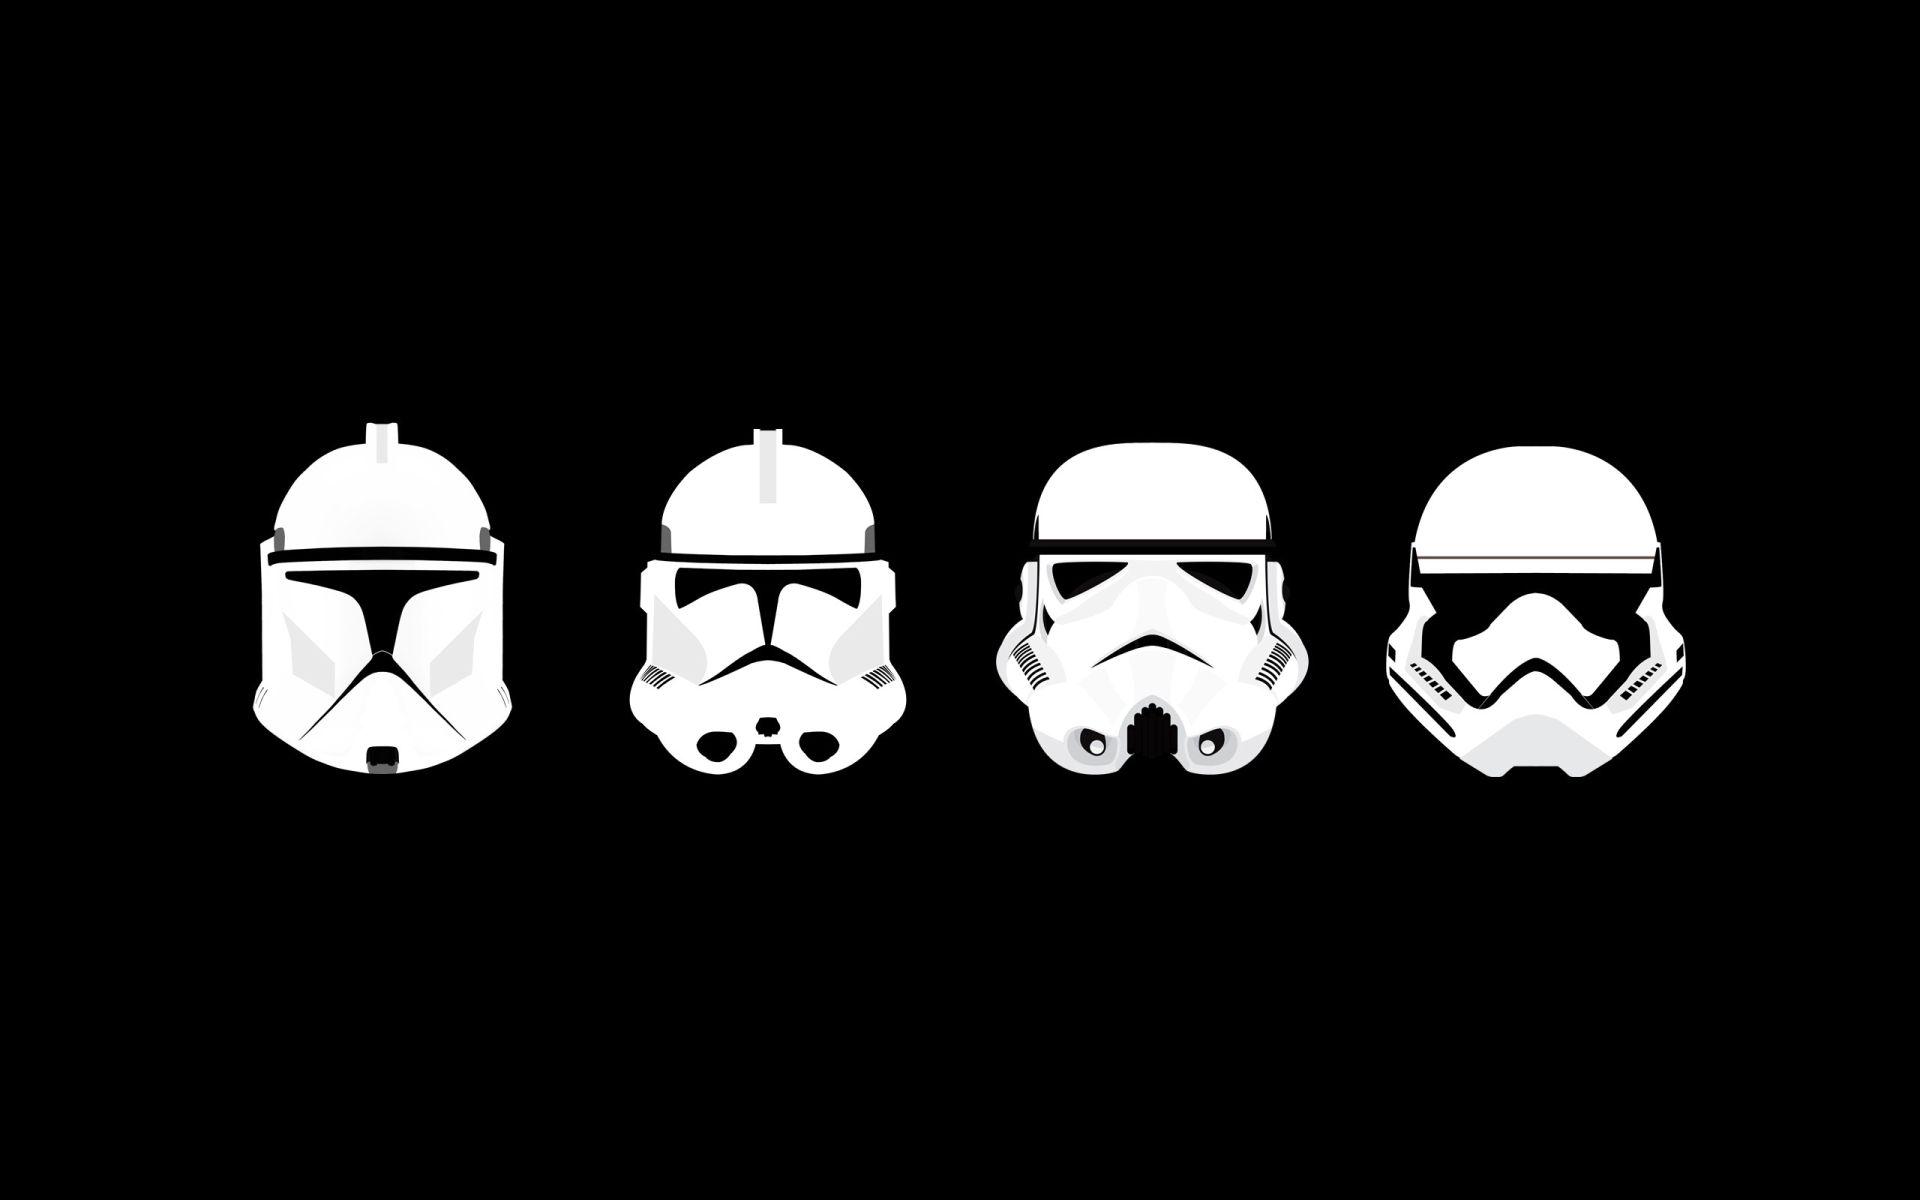 Star Wars Minimalist wallpaper photo hd